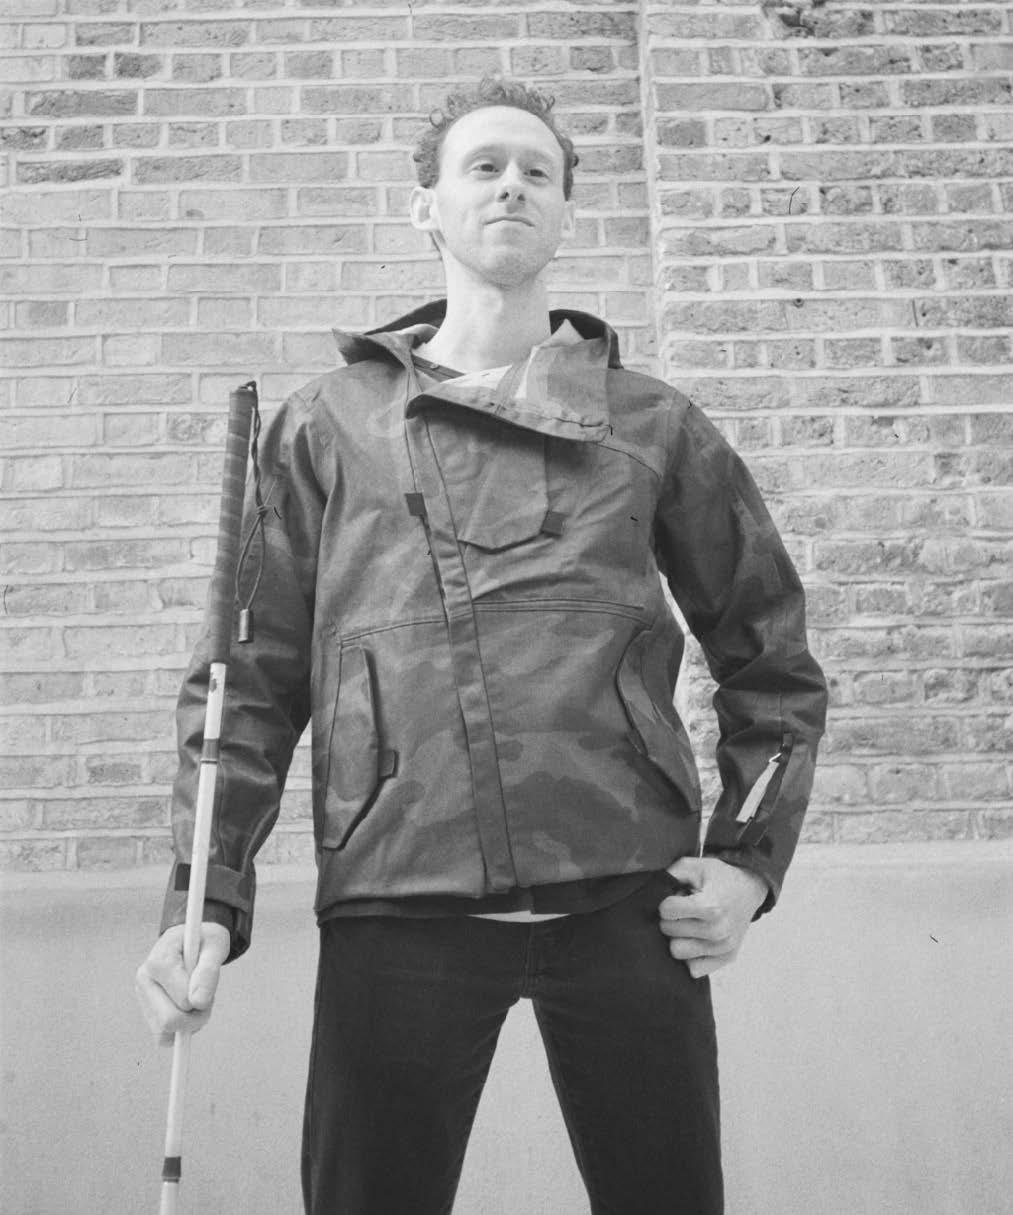 Jake-Baker-Cliff-BlindAid-Jacket.jpg